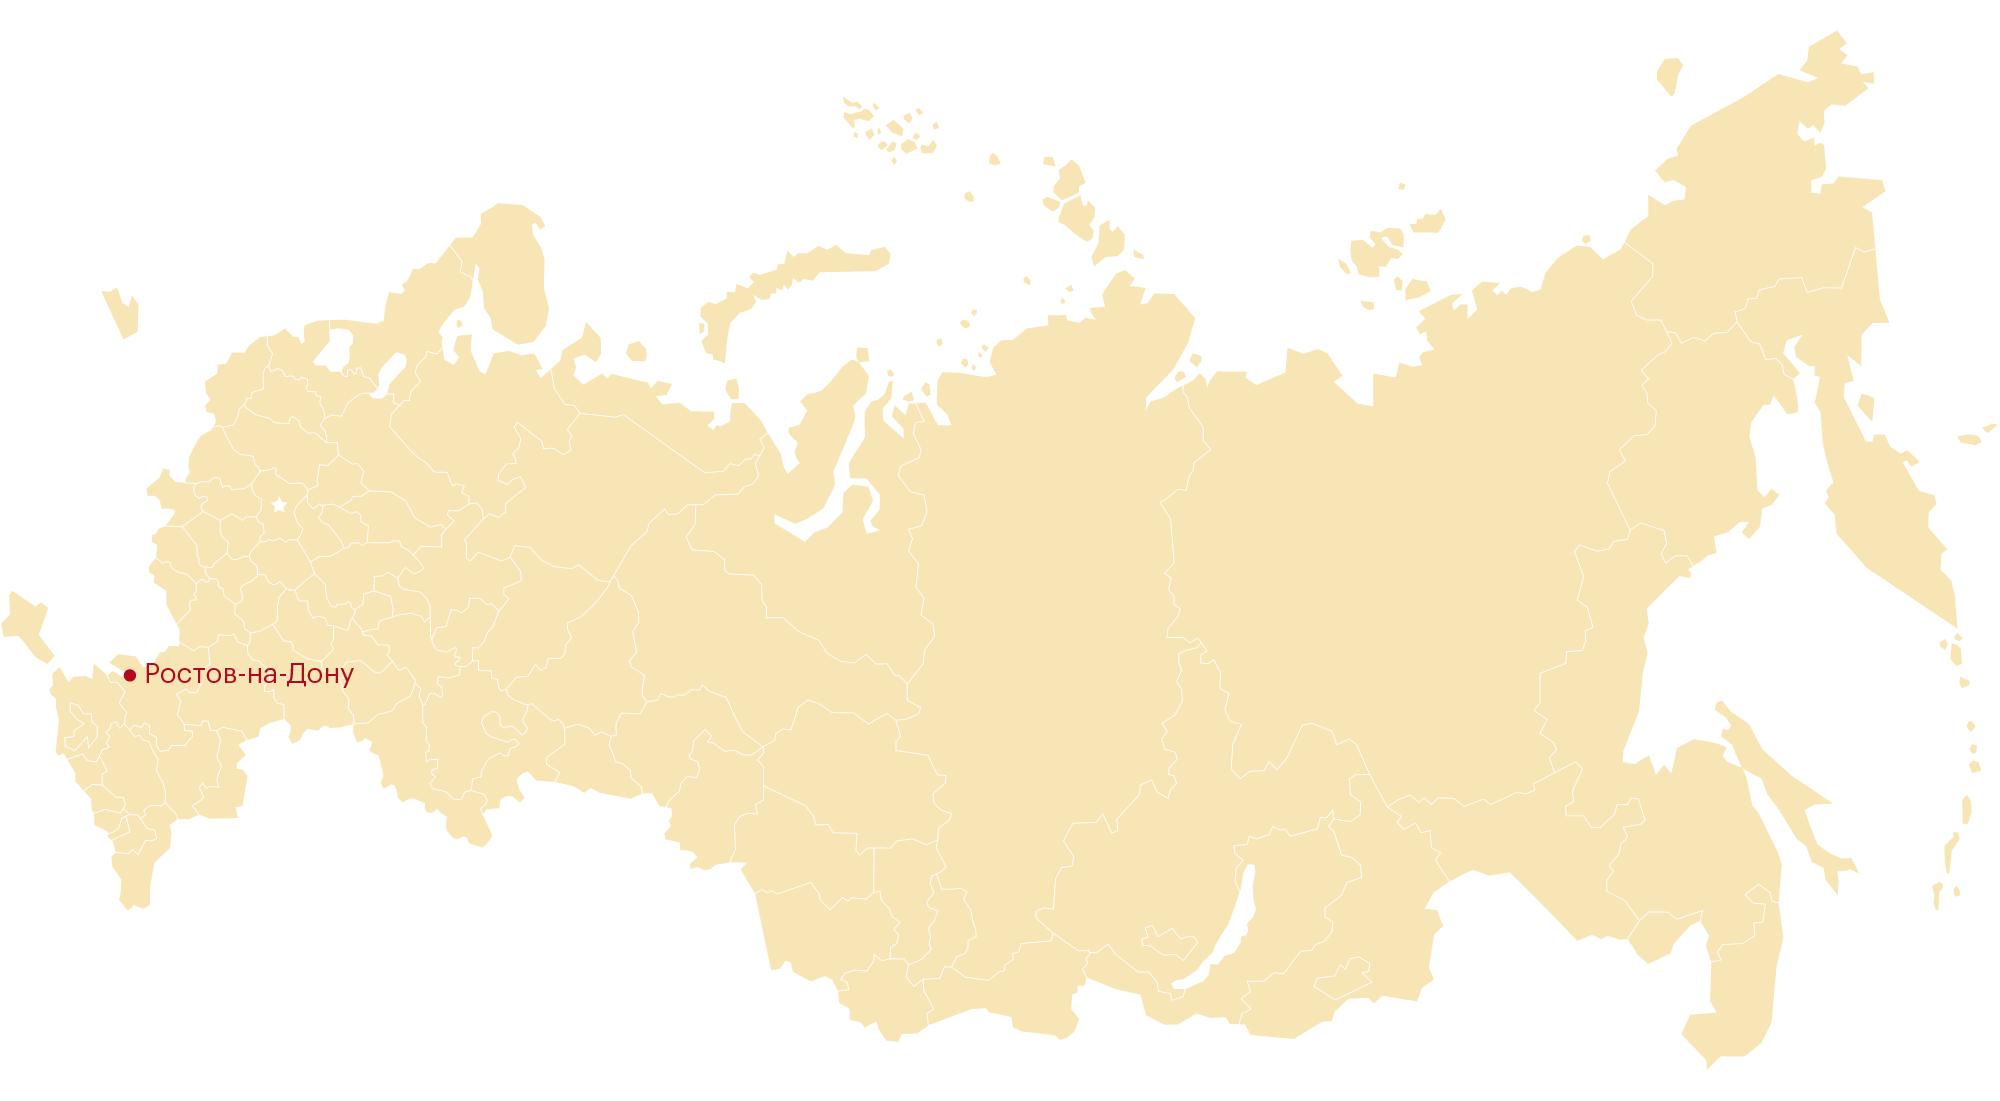 Ростов-на-Дону: особенности города, культура и развлечения